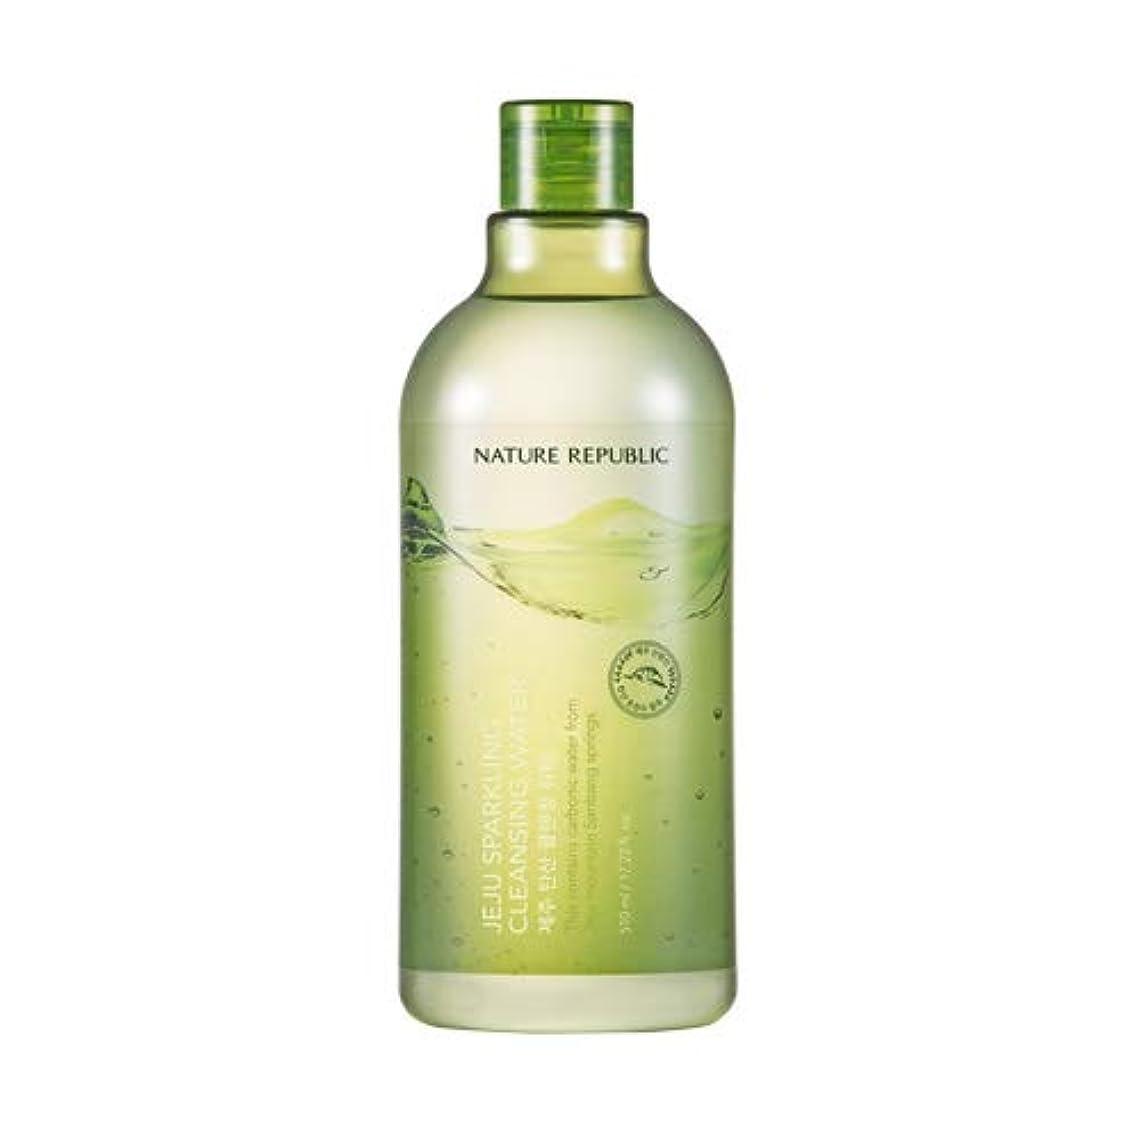 球体距離病的Nature republic Jeju Sparkling(Carbonic) Cleansing Water ネイチャーリパブリック済州炭酸クレンジングウォーター 510ml [並行輸入品]